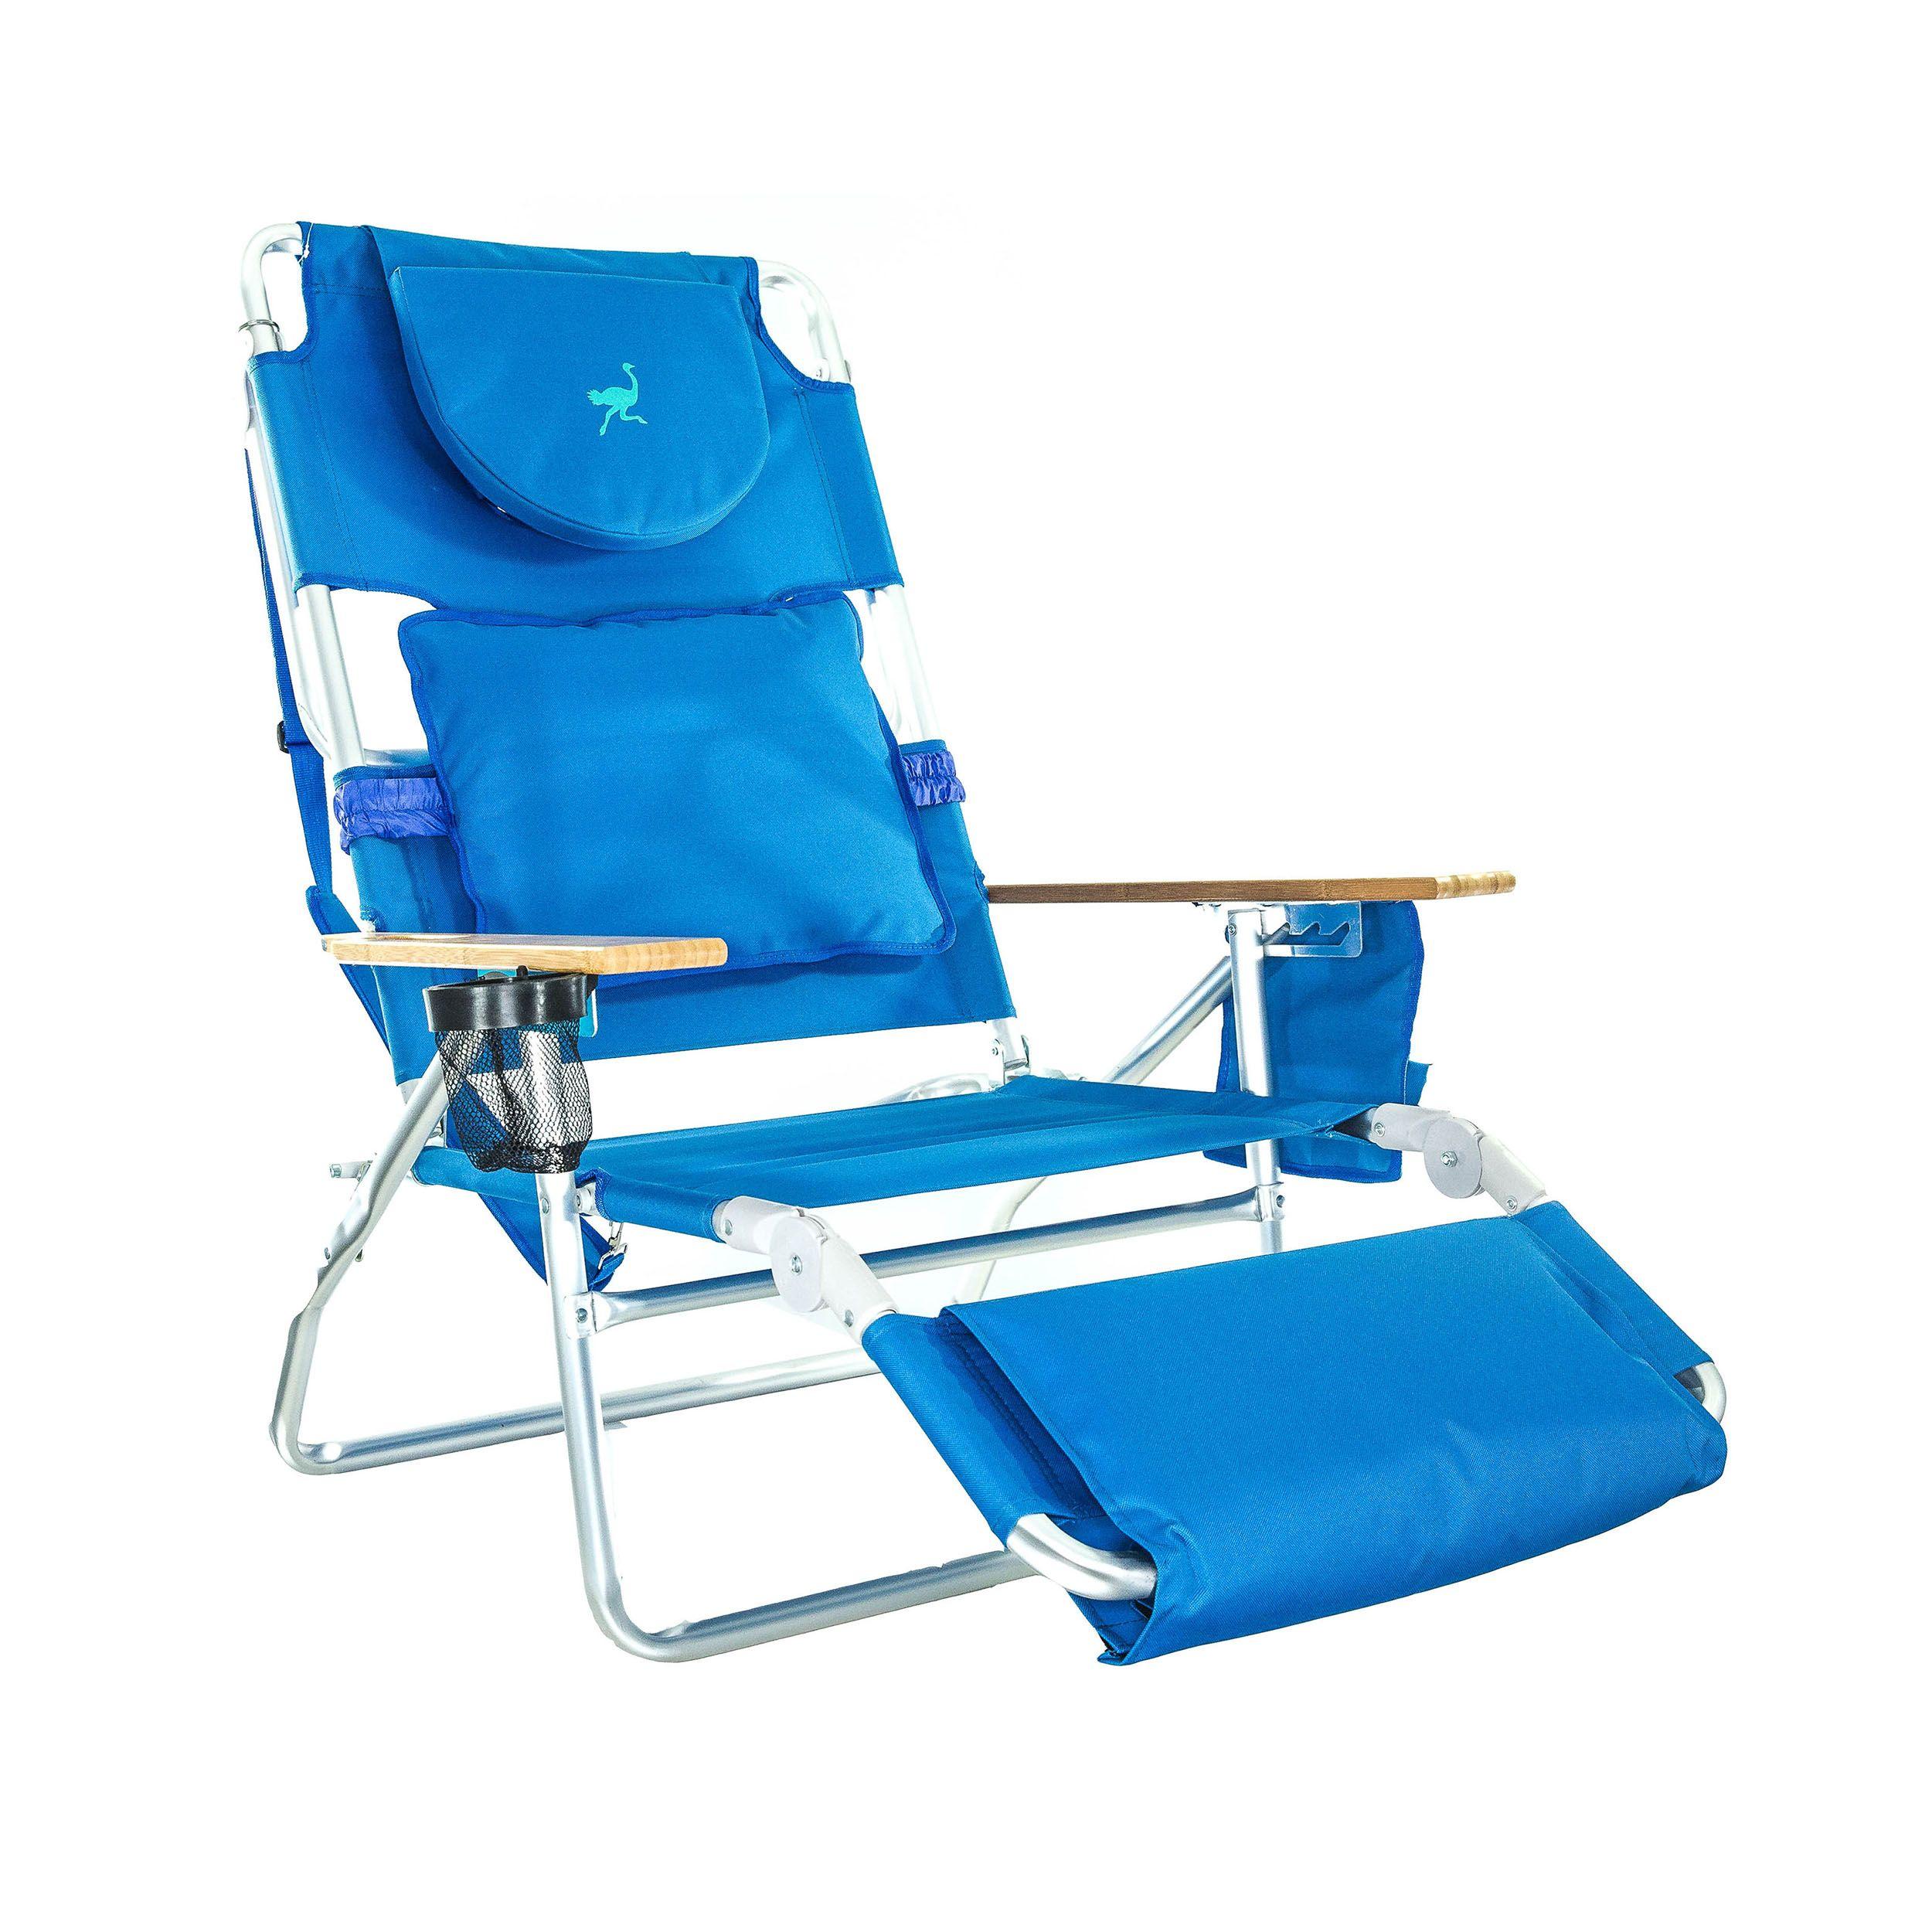 Ostrich Deluxe 3N1 Chair Beach chairs, Beach lounge